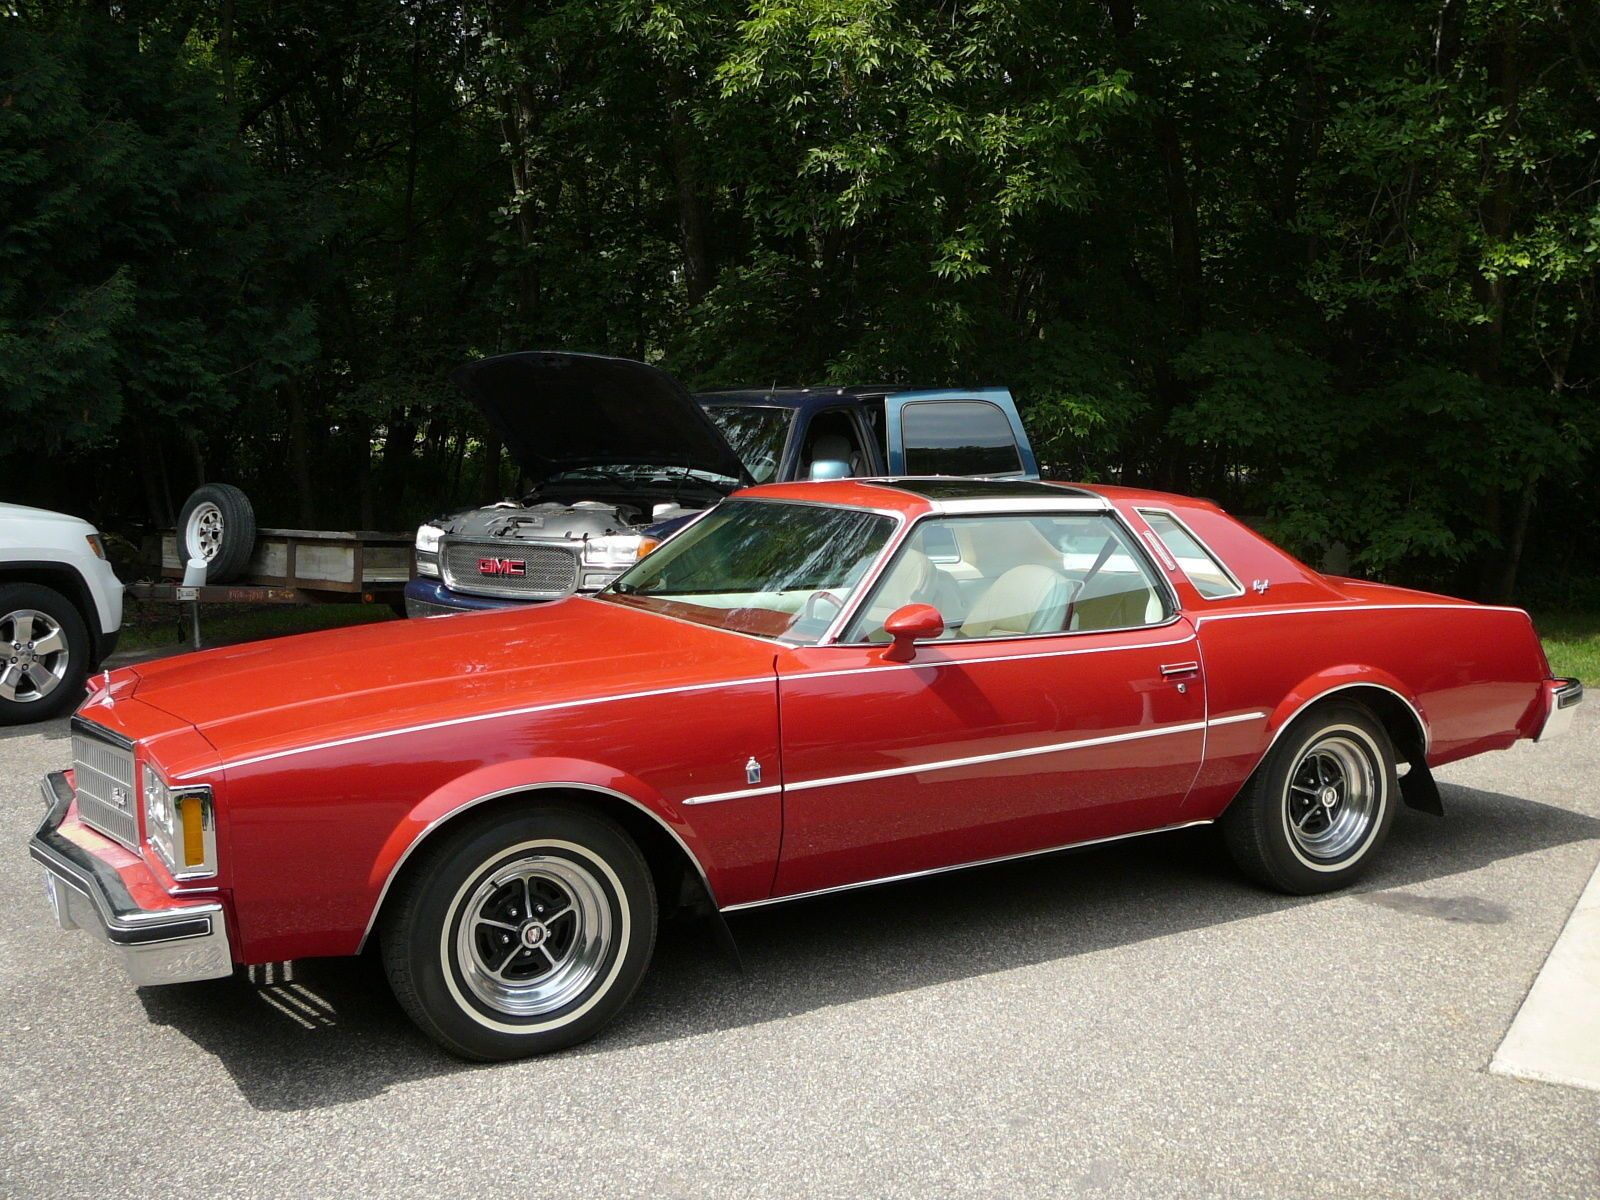 1968 buick electra 225 2 door hardtop front 3 4 81136 - 1977 Buick Regal 70k Mi Original 1 Owner